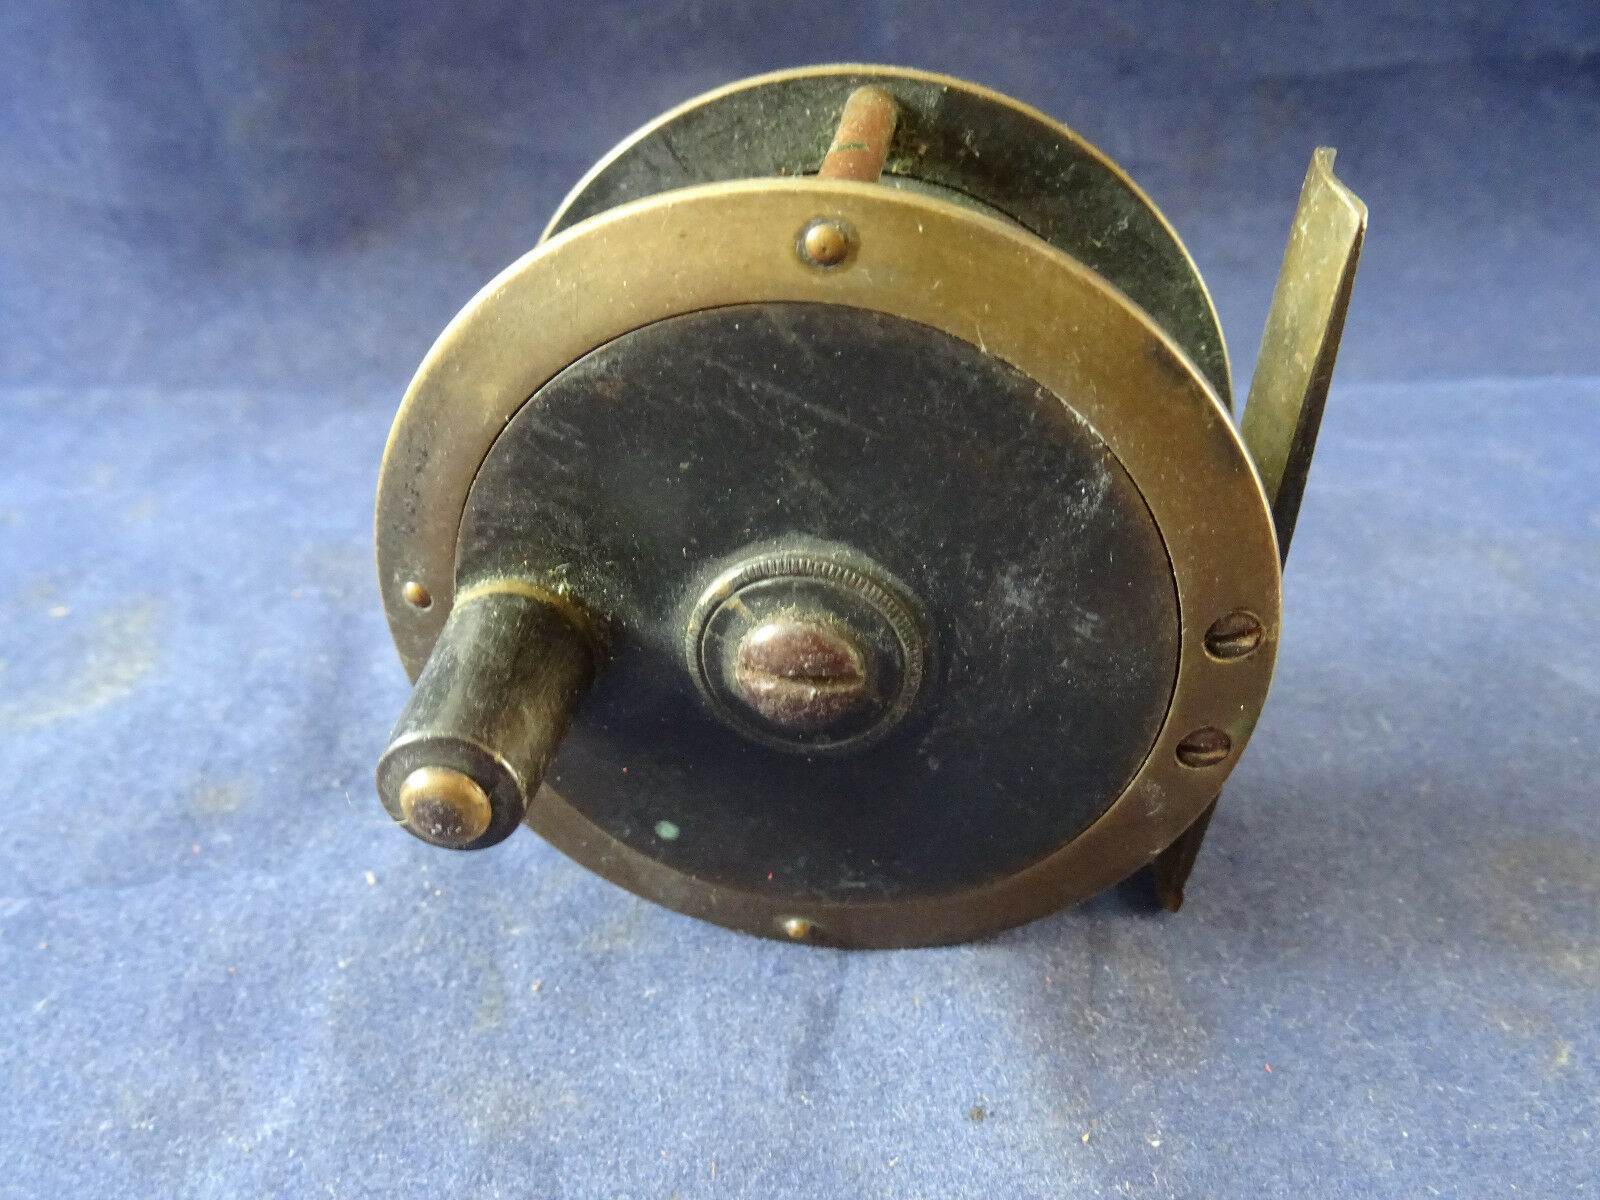 Un raro vintage 2 12 senza nome Lucas oro Bronzo Trossoa Mosca Mulinello